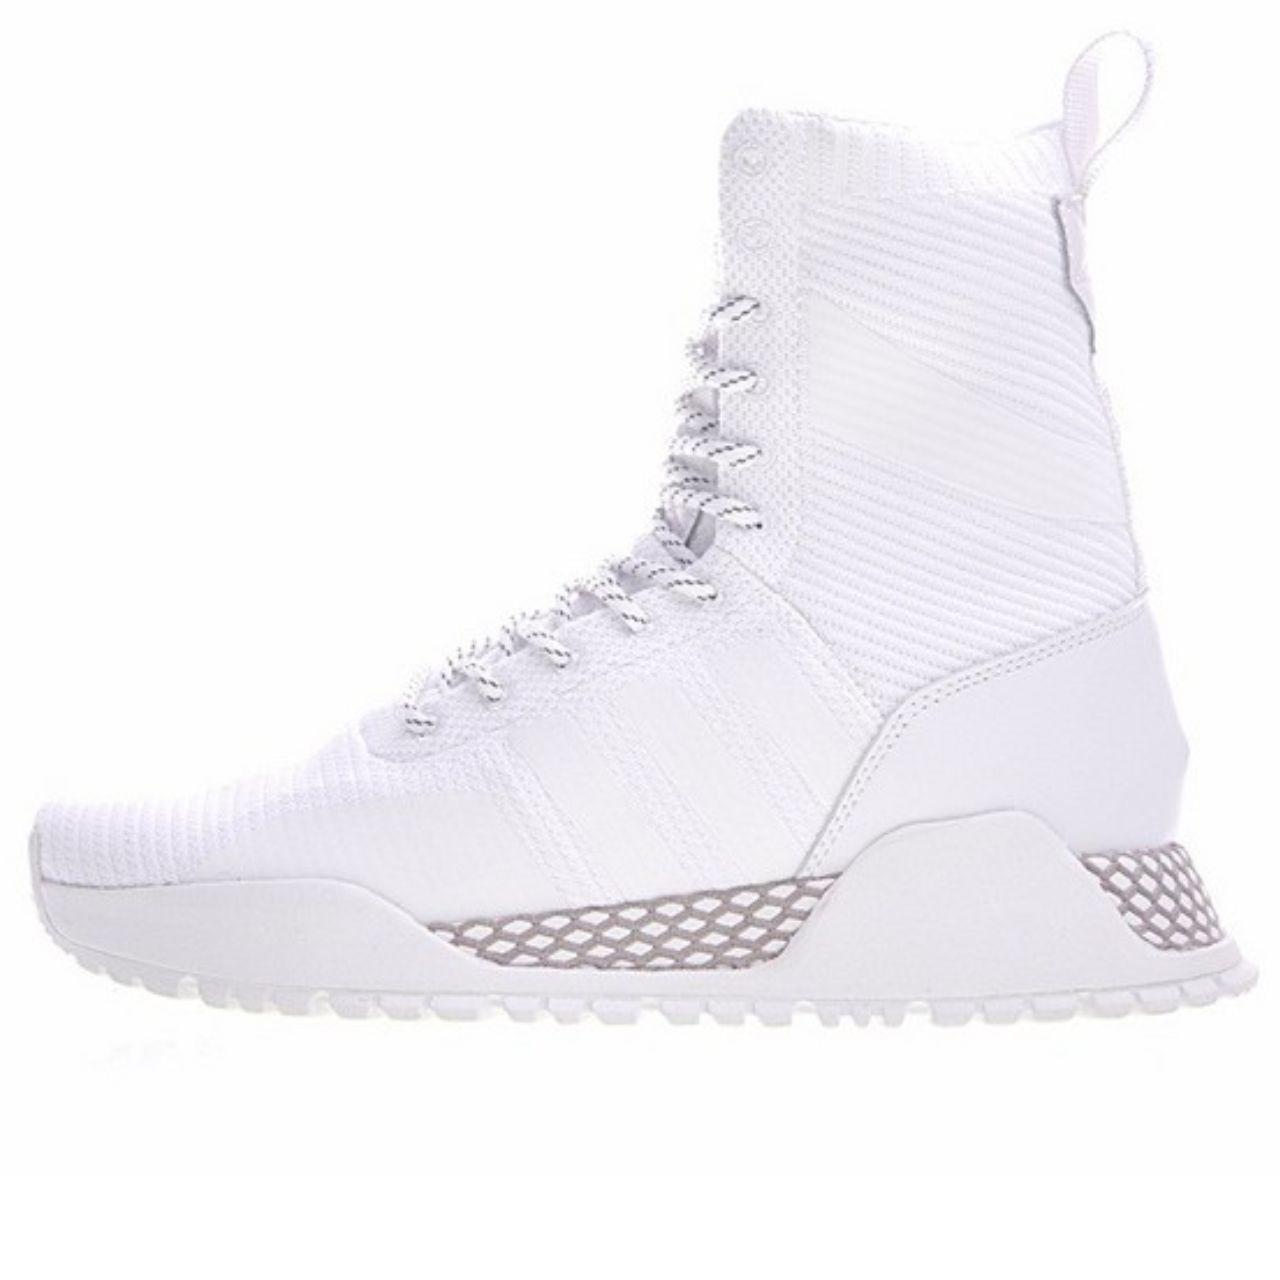 قیمت کفش راحتی مردانه آدیداس مدل F/1.3 PK PrimeKnit